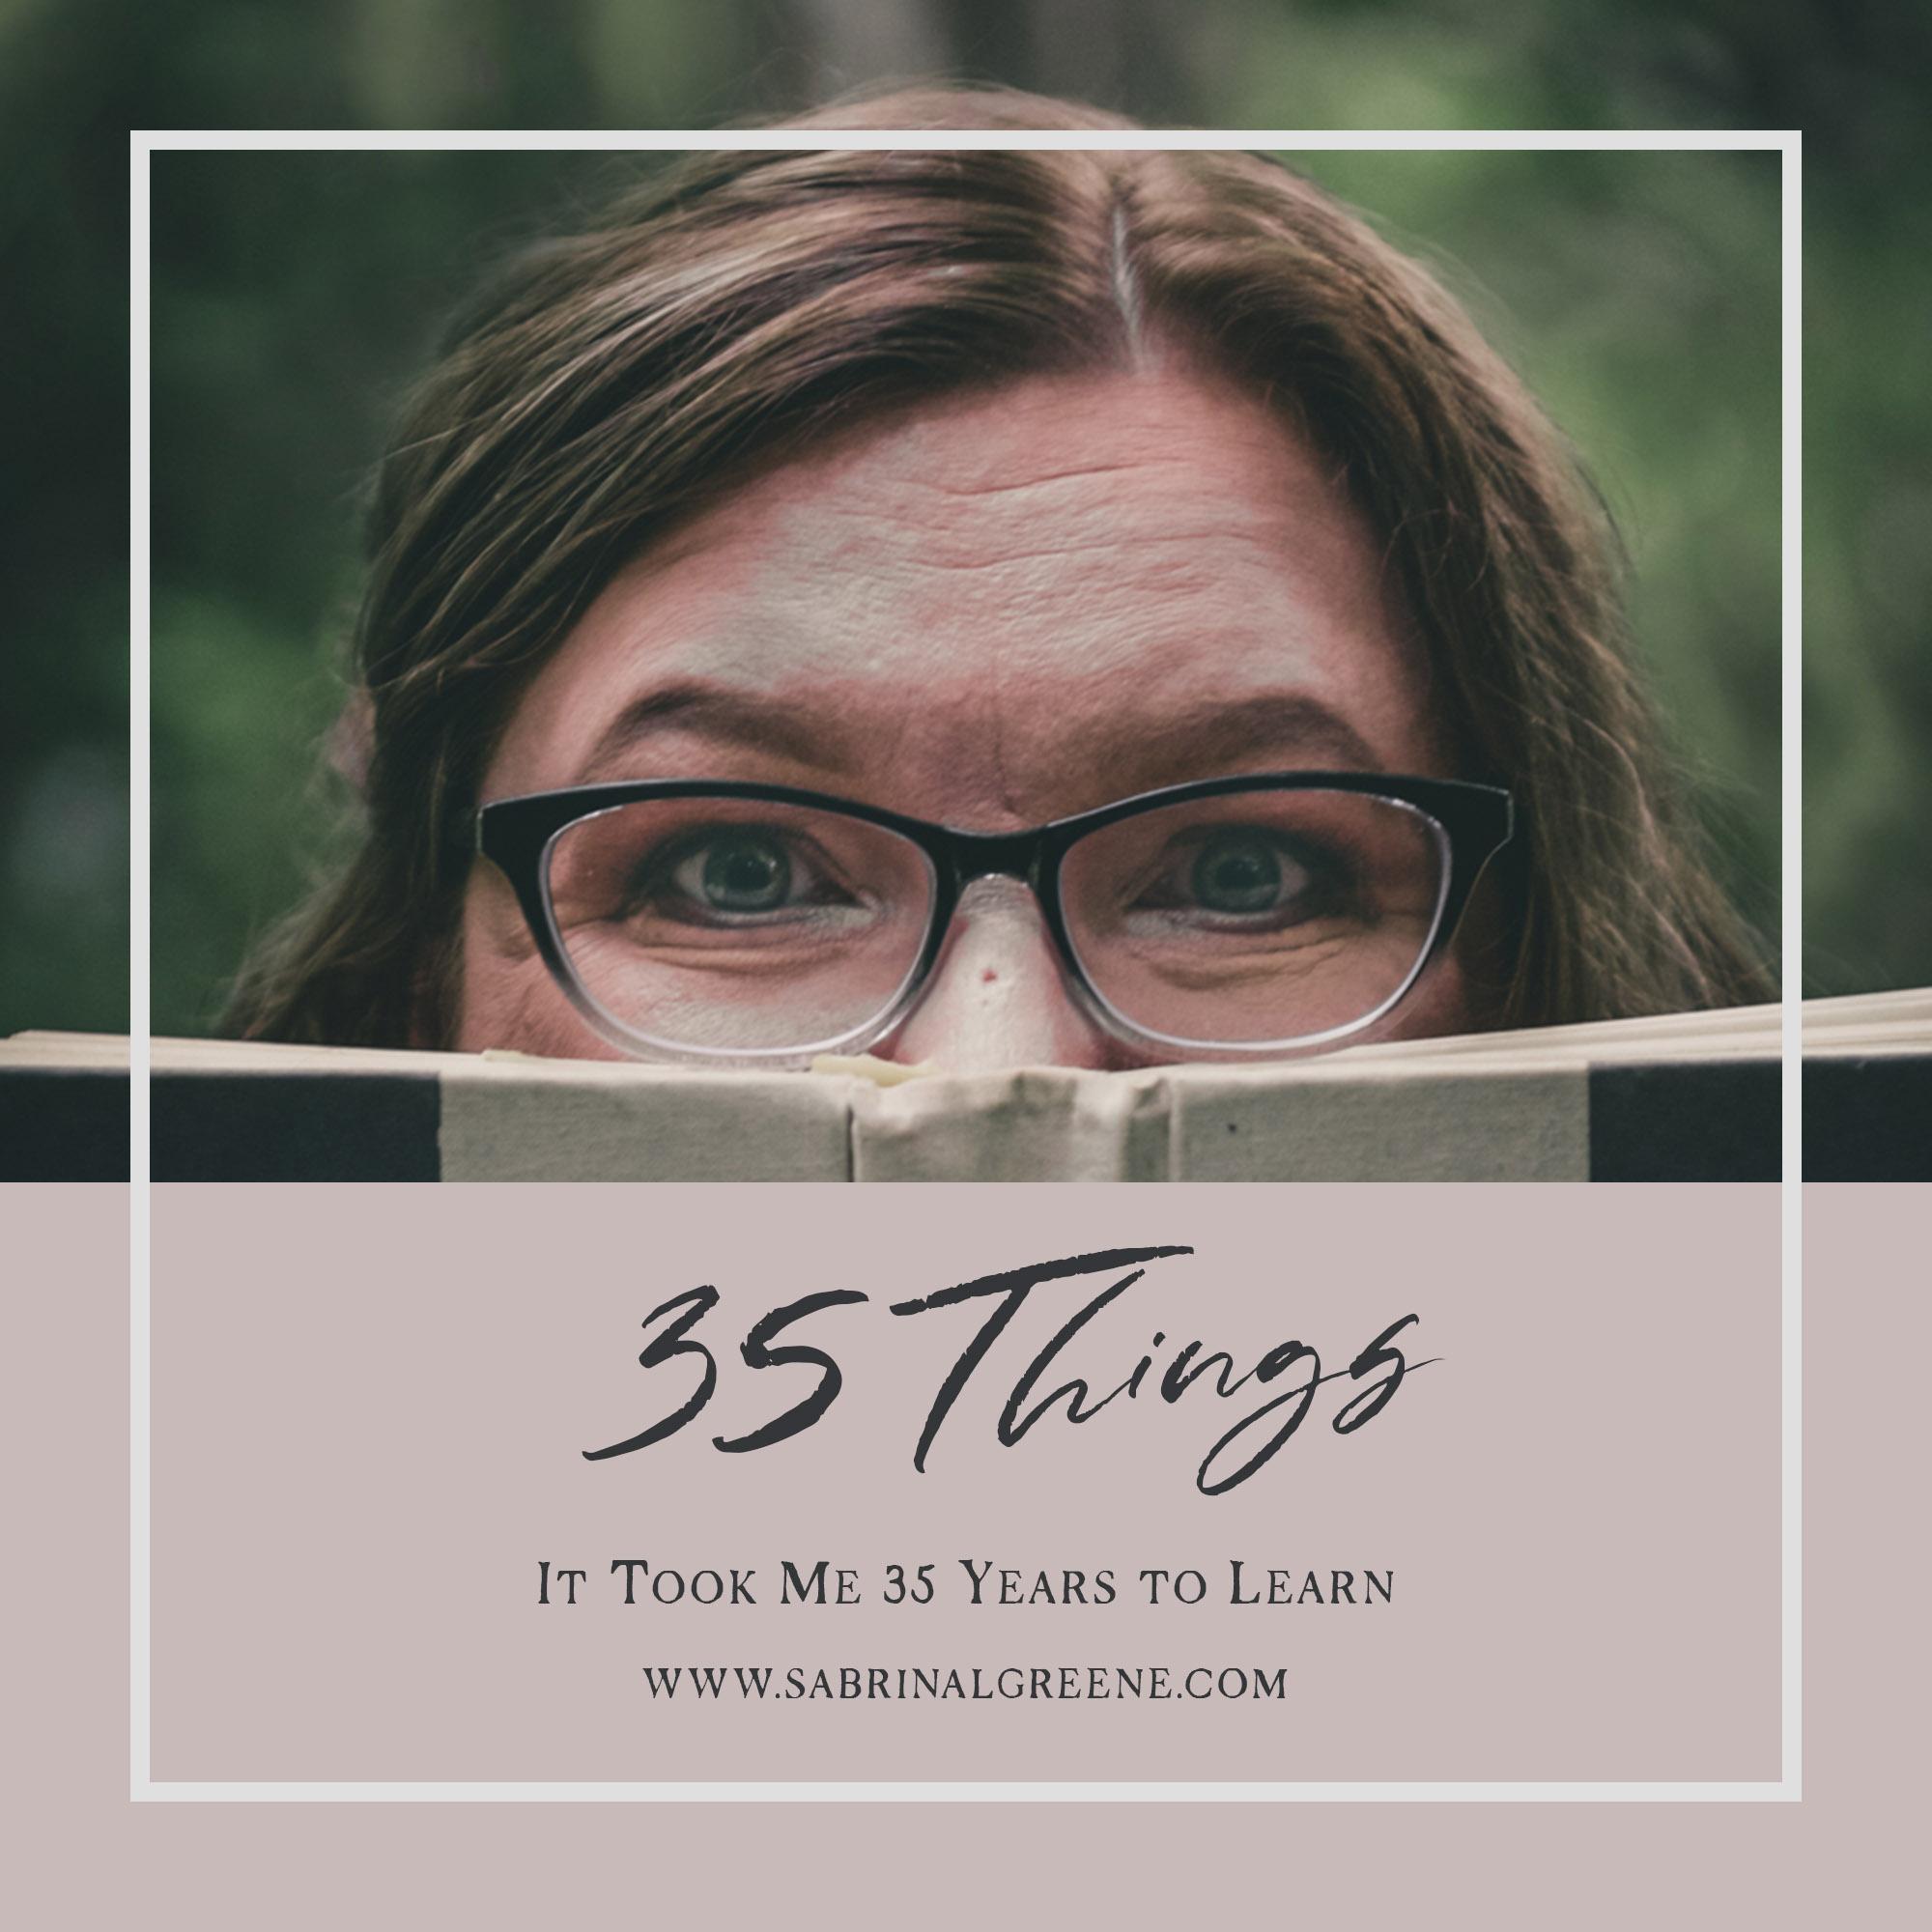 35 things